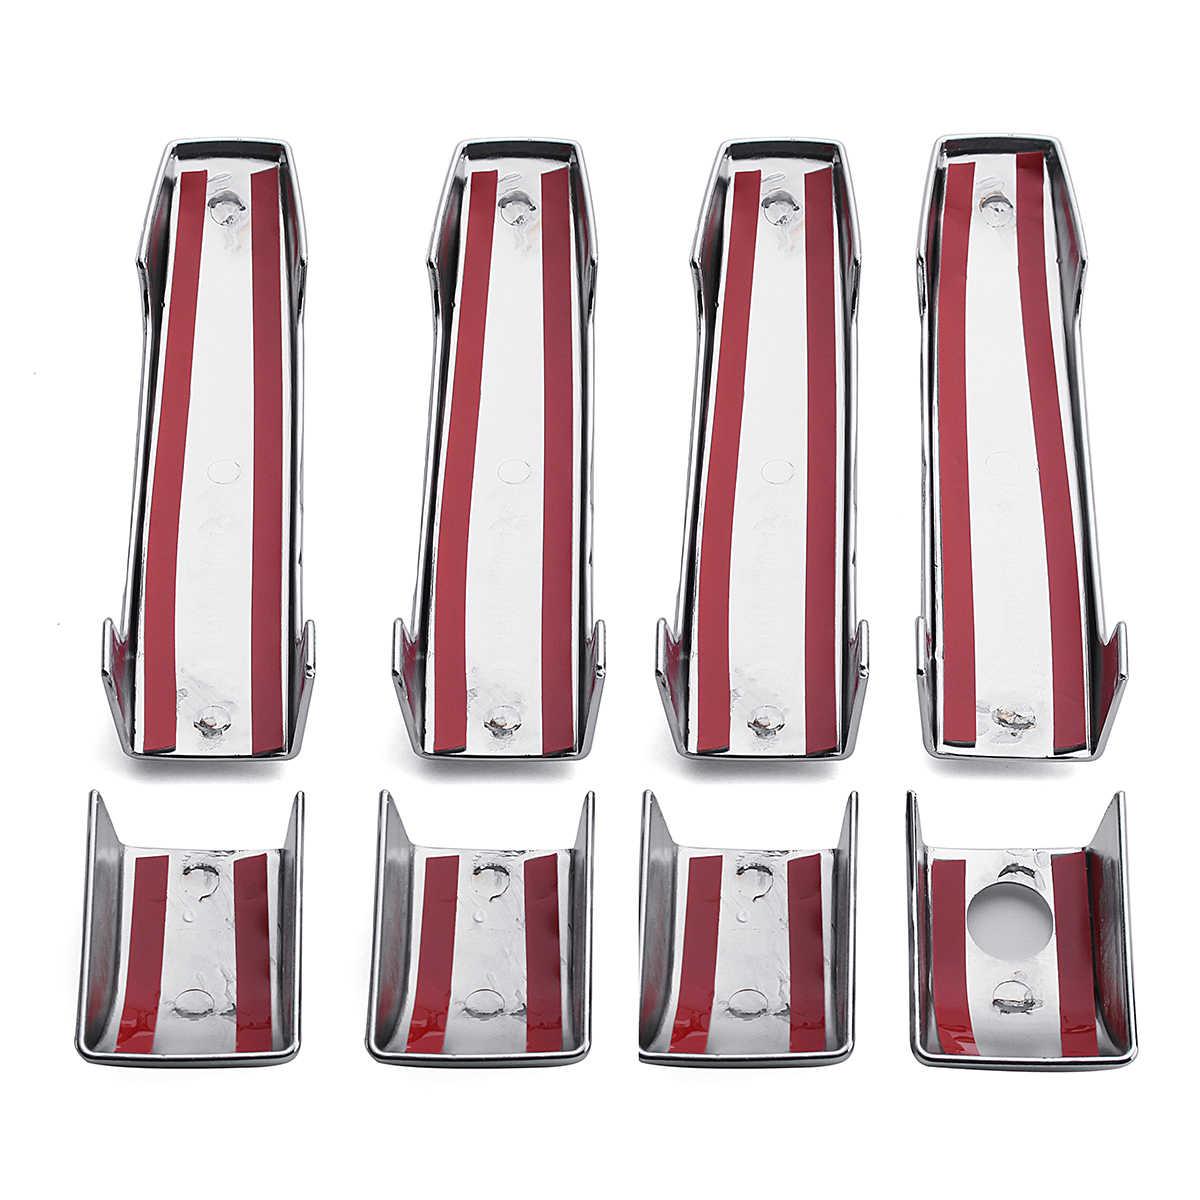 9pcs סט עבור טווח רובר L322 ווג 2002 2003 2004 2005 2006 2007 2008 2009 2010 2011 2012 2013 ABS כרום 4 דלת כיסוי ידית